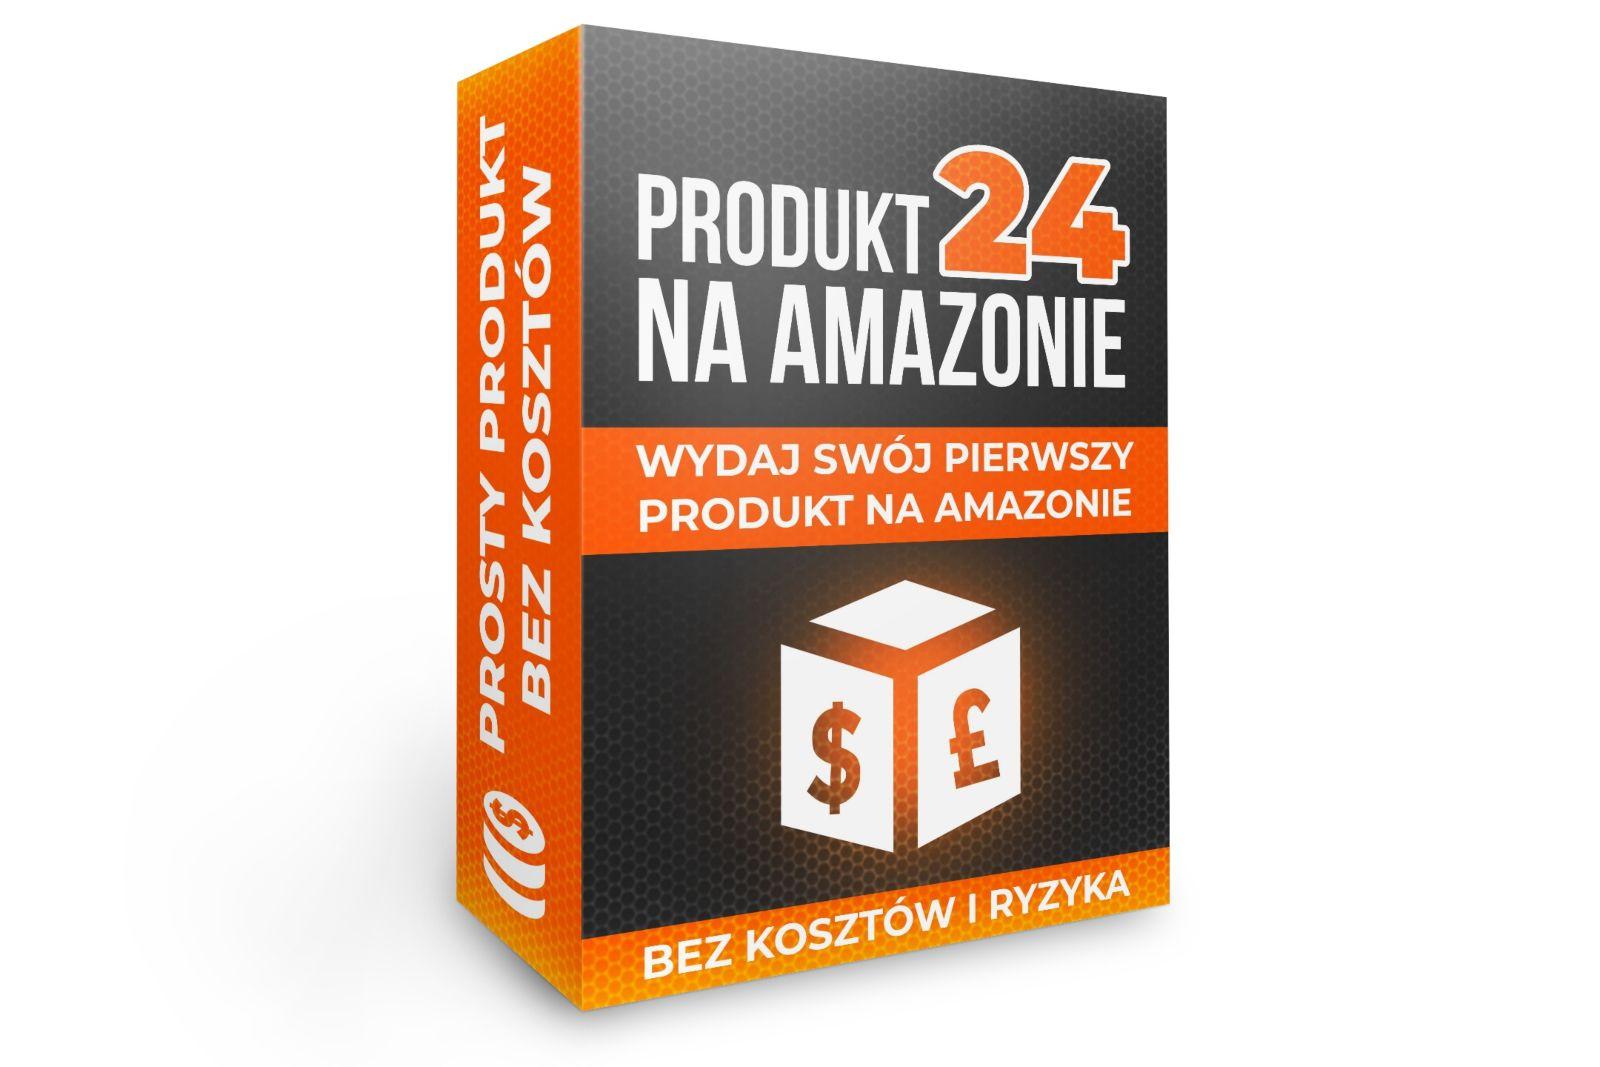 Kurs Produkt na Amazonie w 24 Godziny